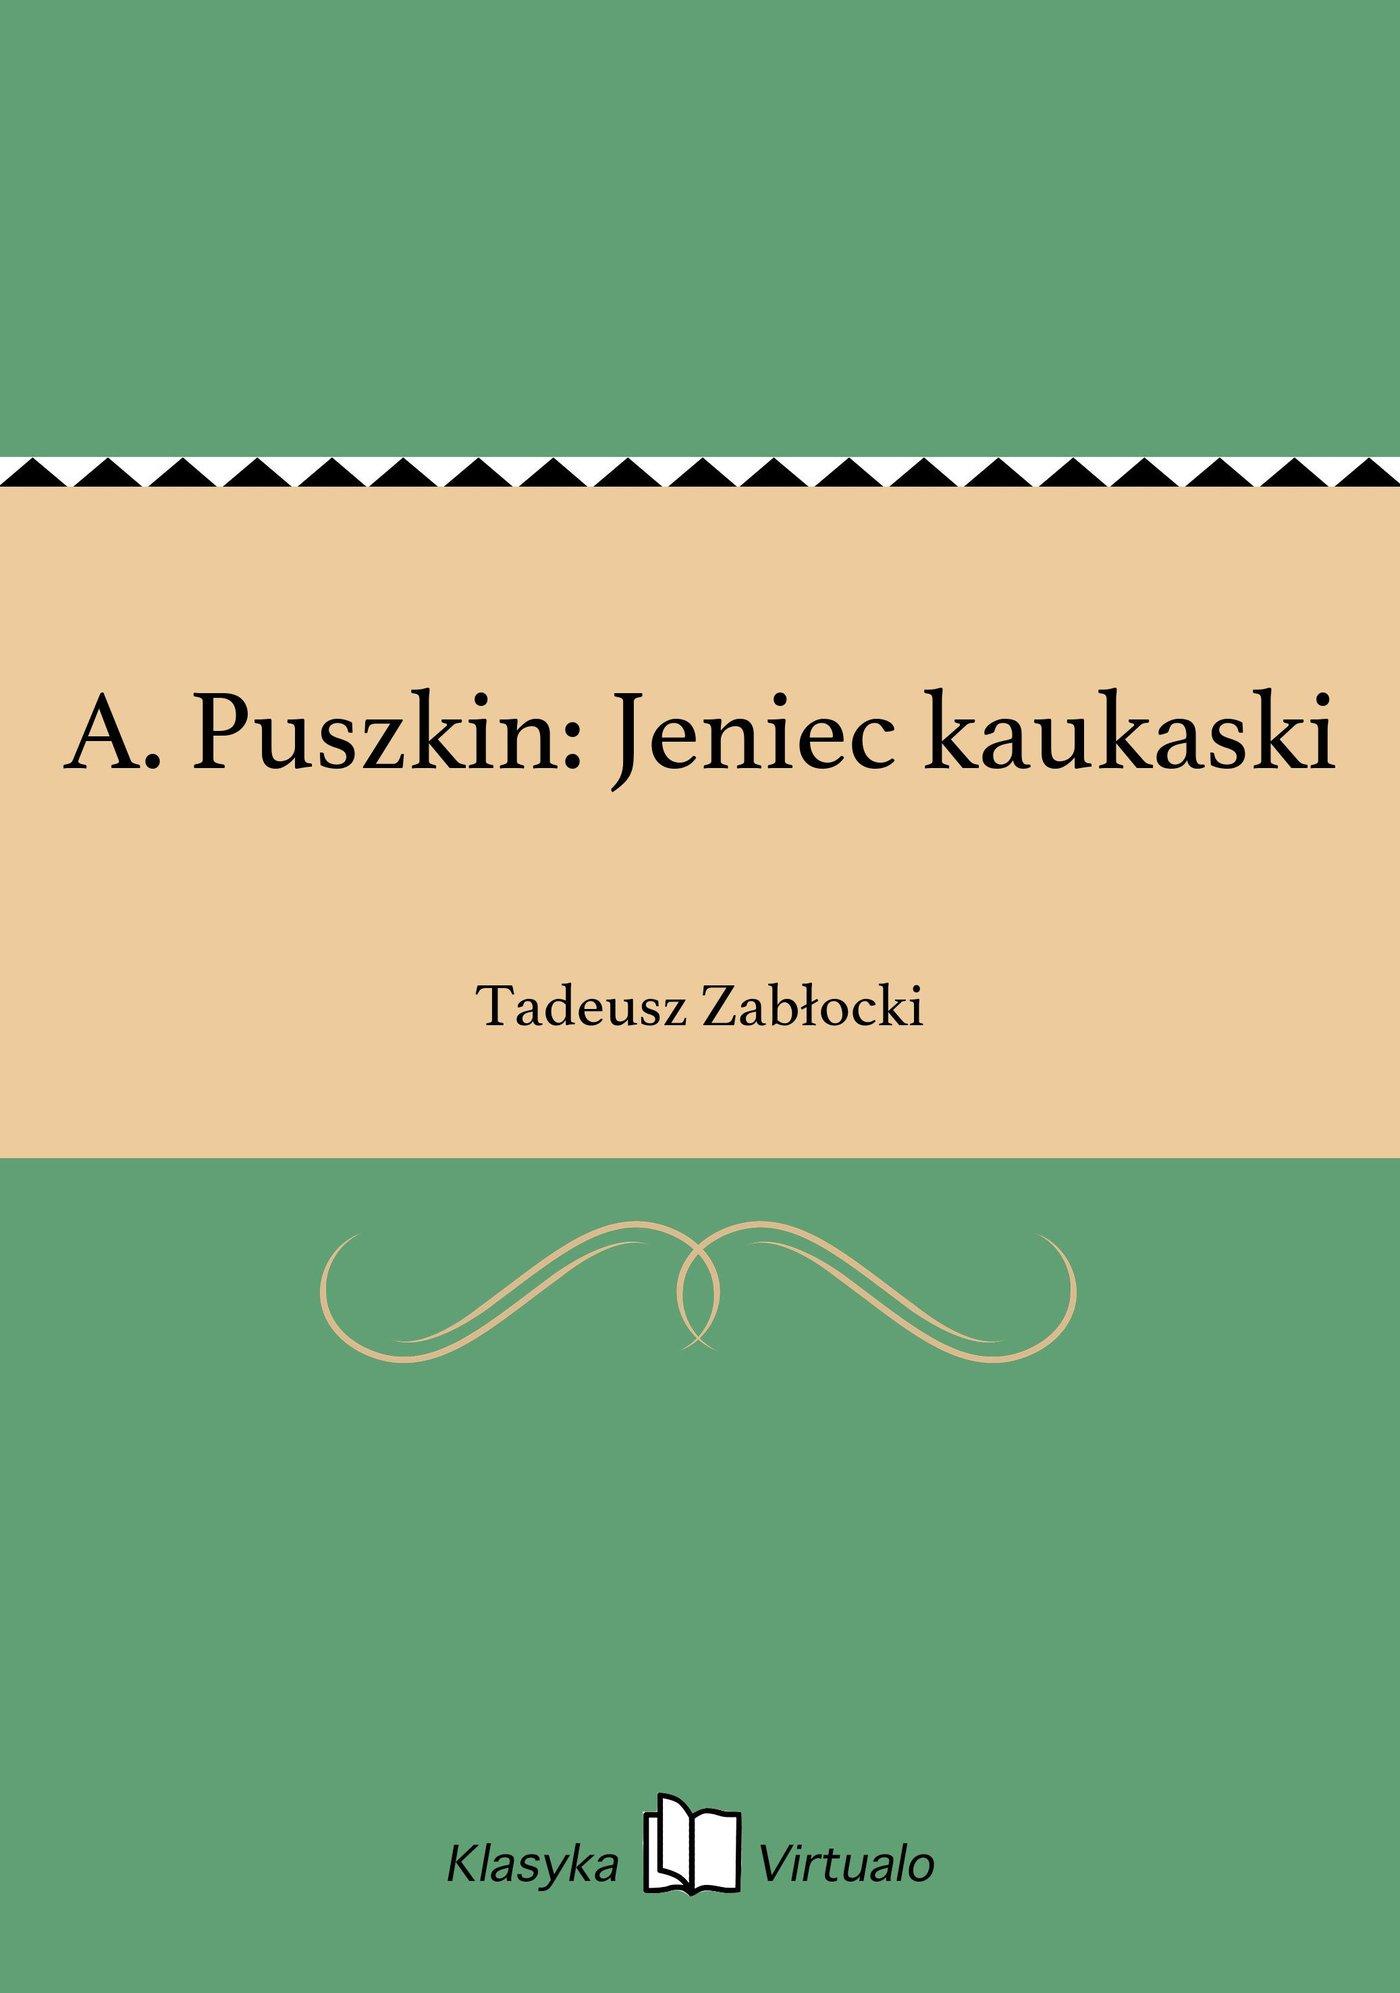 A. Puszkin: Jeniec kaukaski - Ebook (Książka EPUB) do pobrania w formacie EPUB